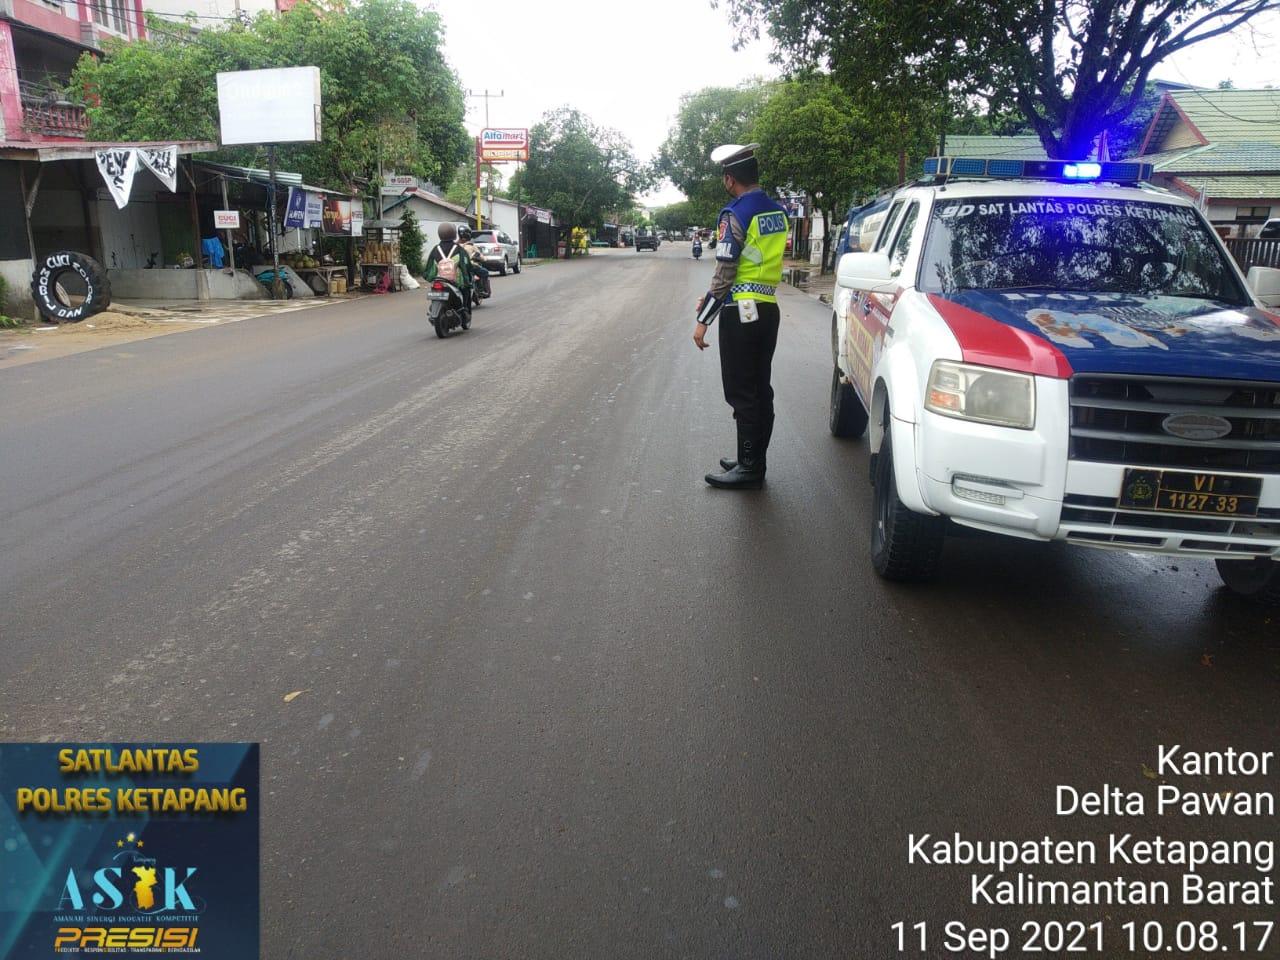 Cuaca Hujan,Tak Mengurangi Semangat Polisi Untuk Patroli